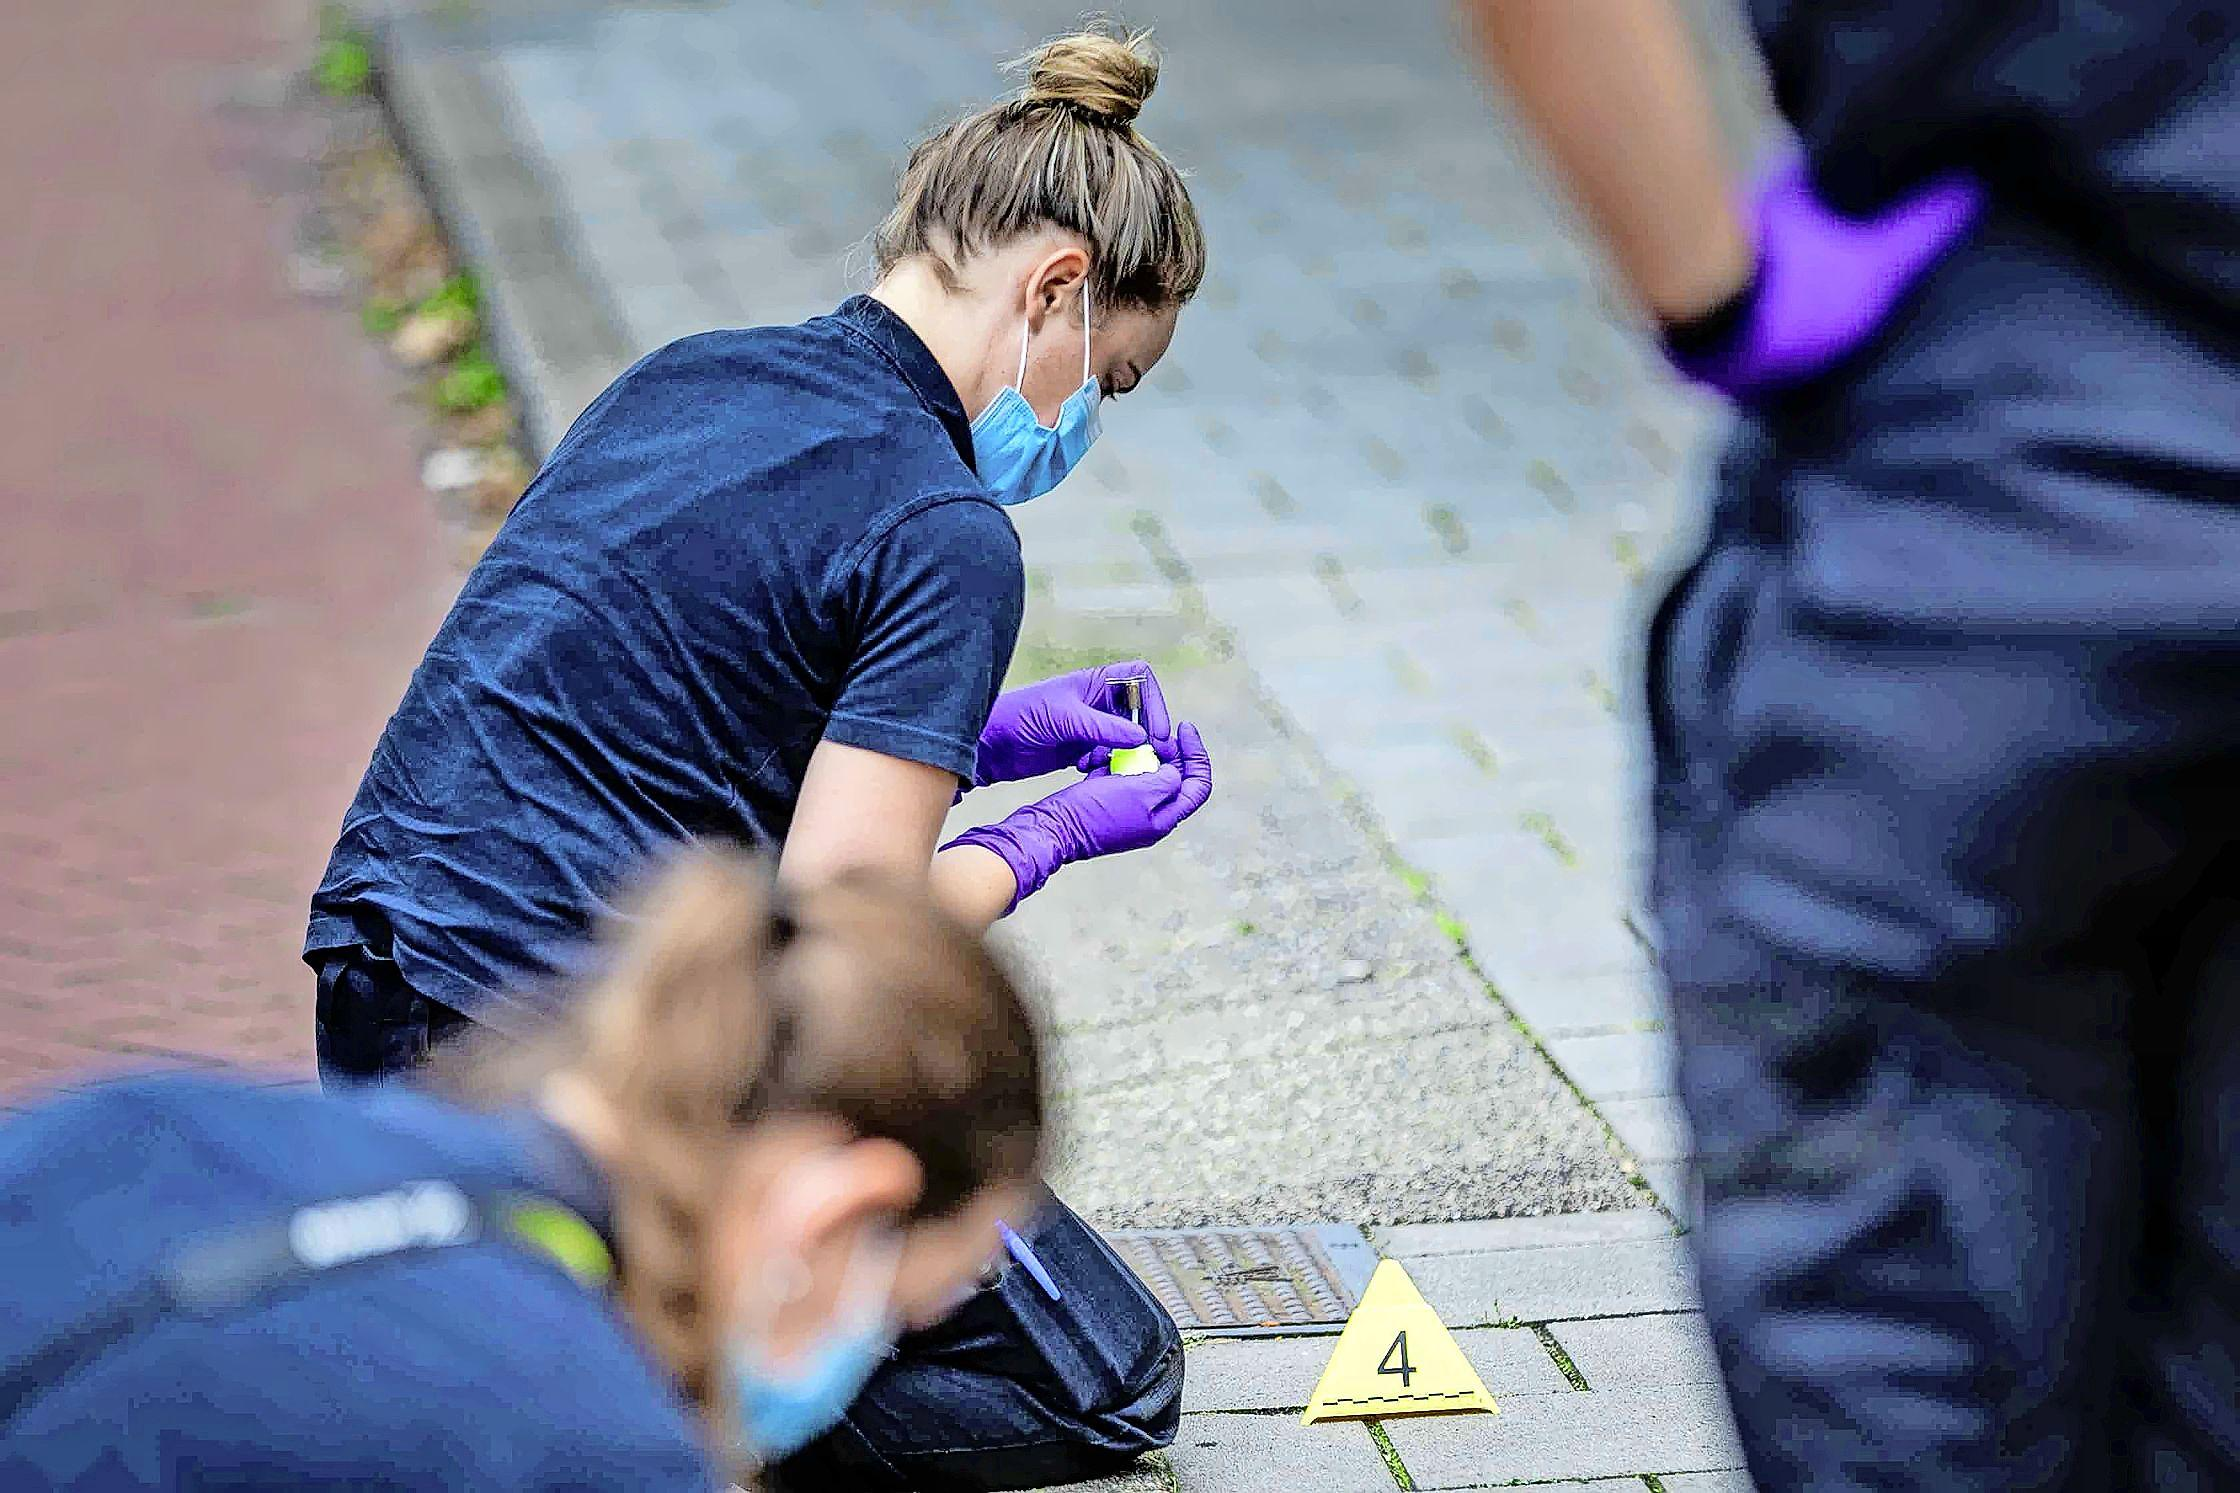 Gewonde door heftig schietincident bij Schulpweg in Velsen-Noord, twee verdachten opgepakt. 'De laatste tijd was het juist wel weer rustig'